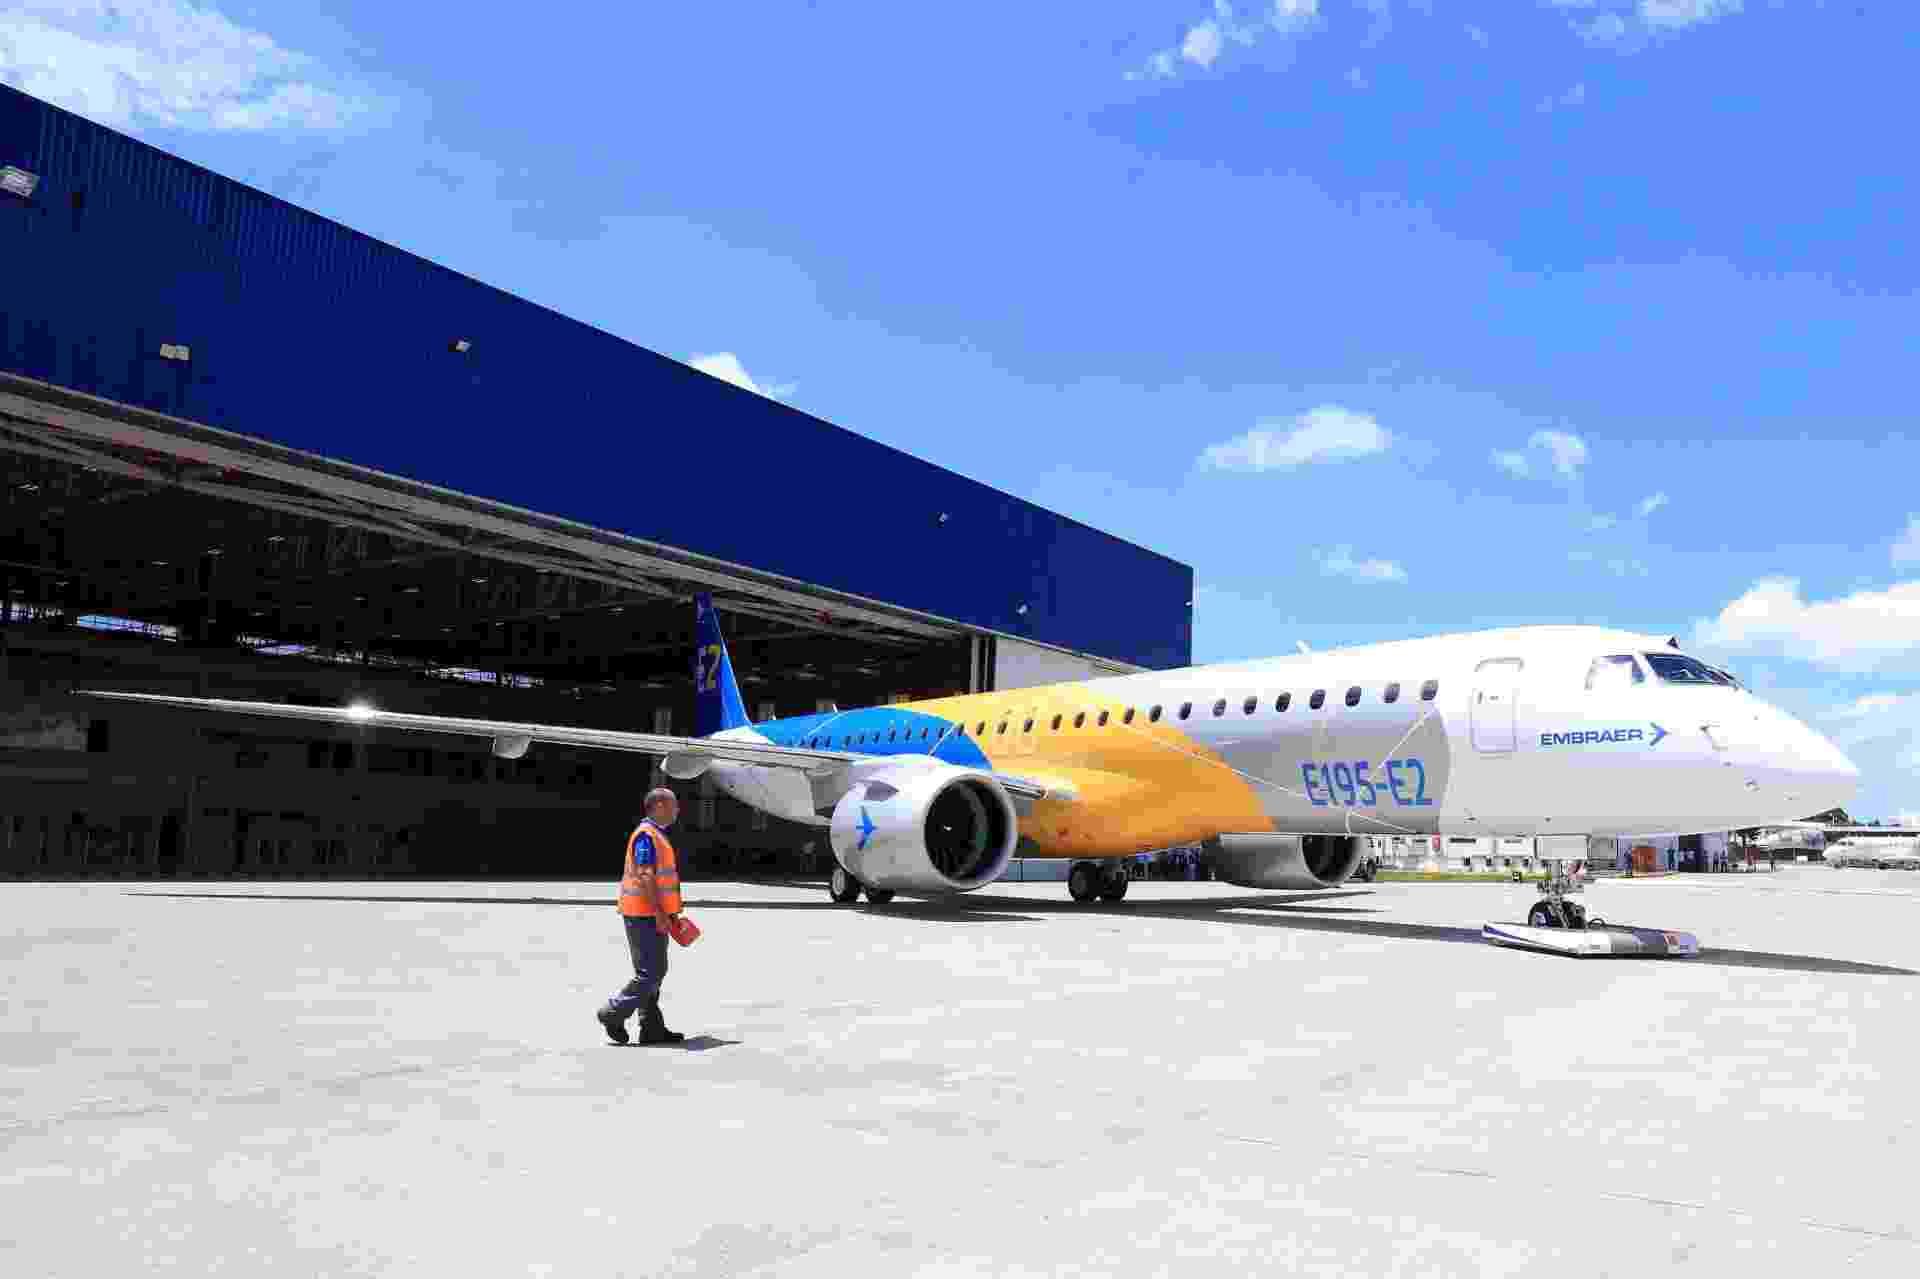 Embraer apresenta novo jato comercial E195-EL - Ricardo Matsukawa / UOL